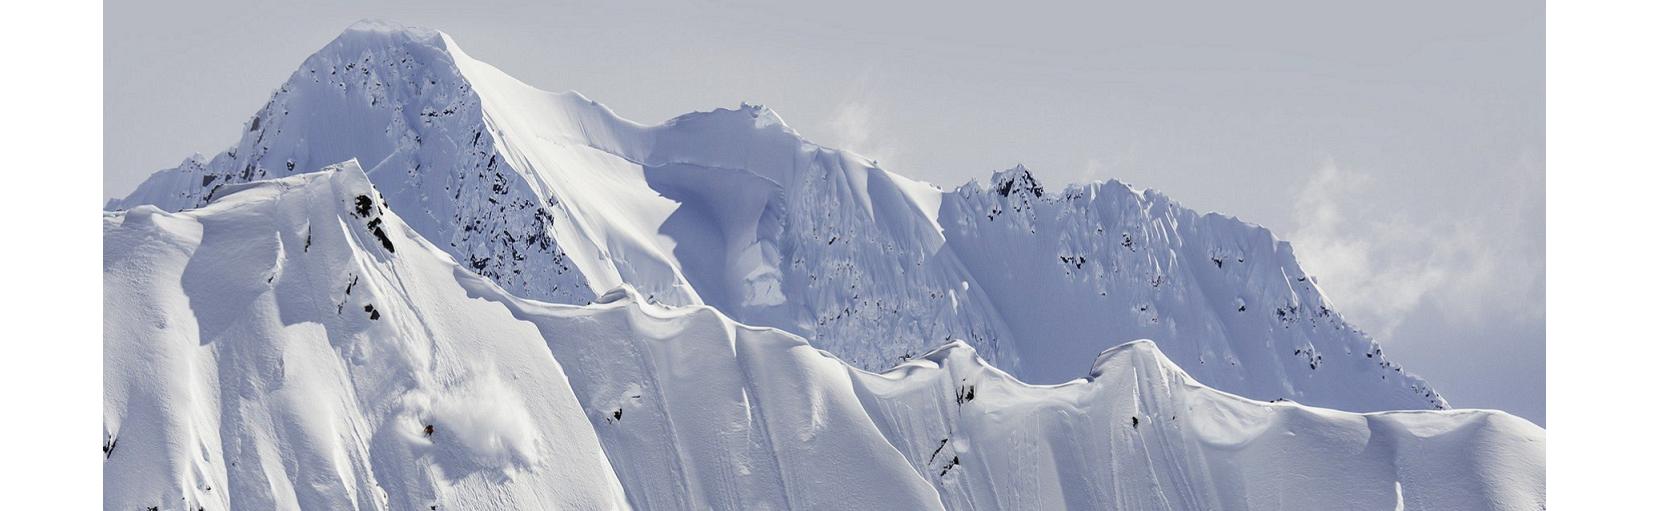 Jones_Snowboards_Banner